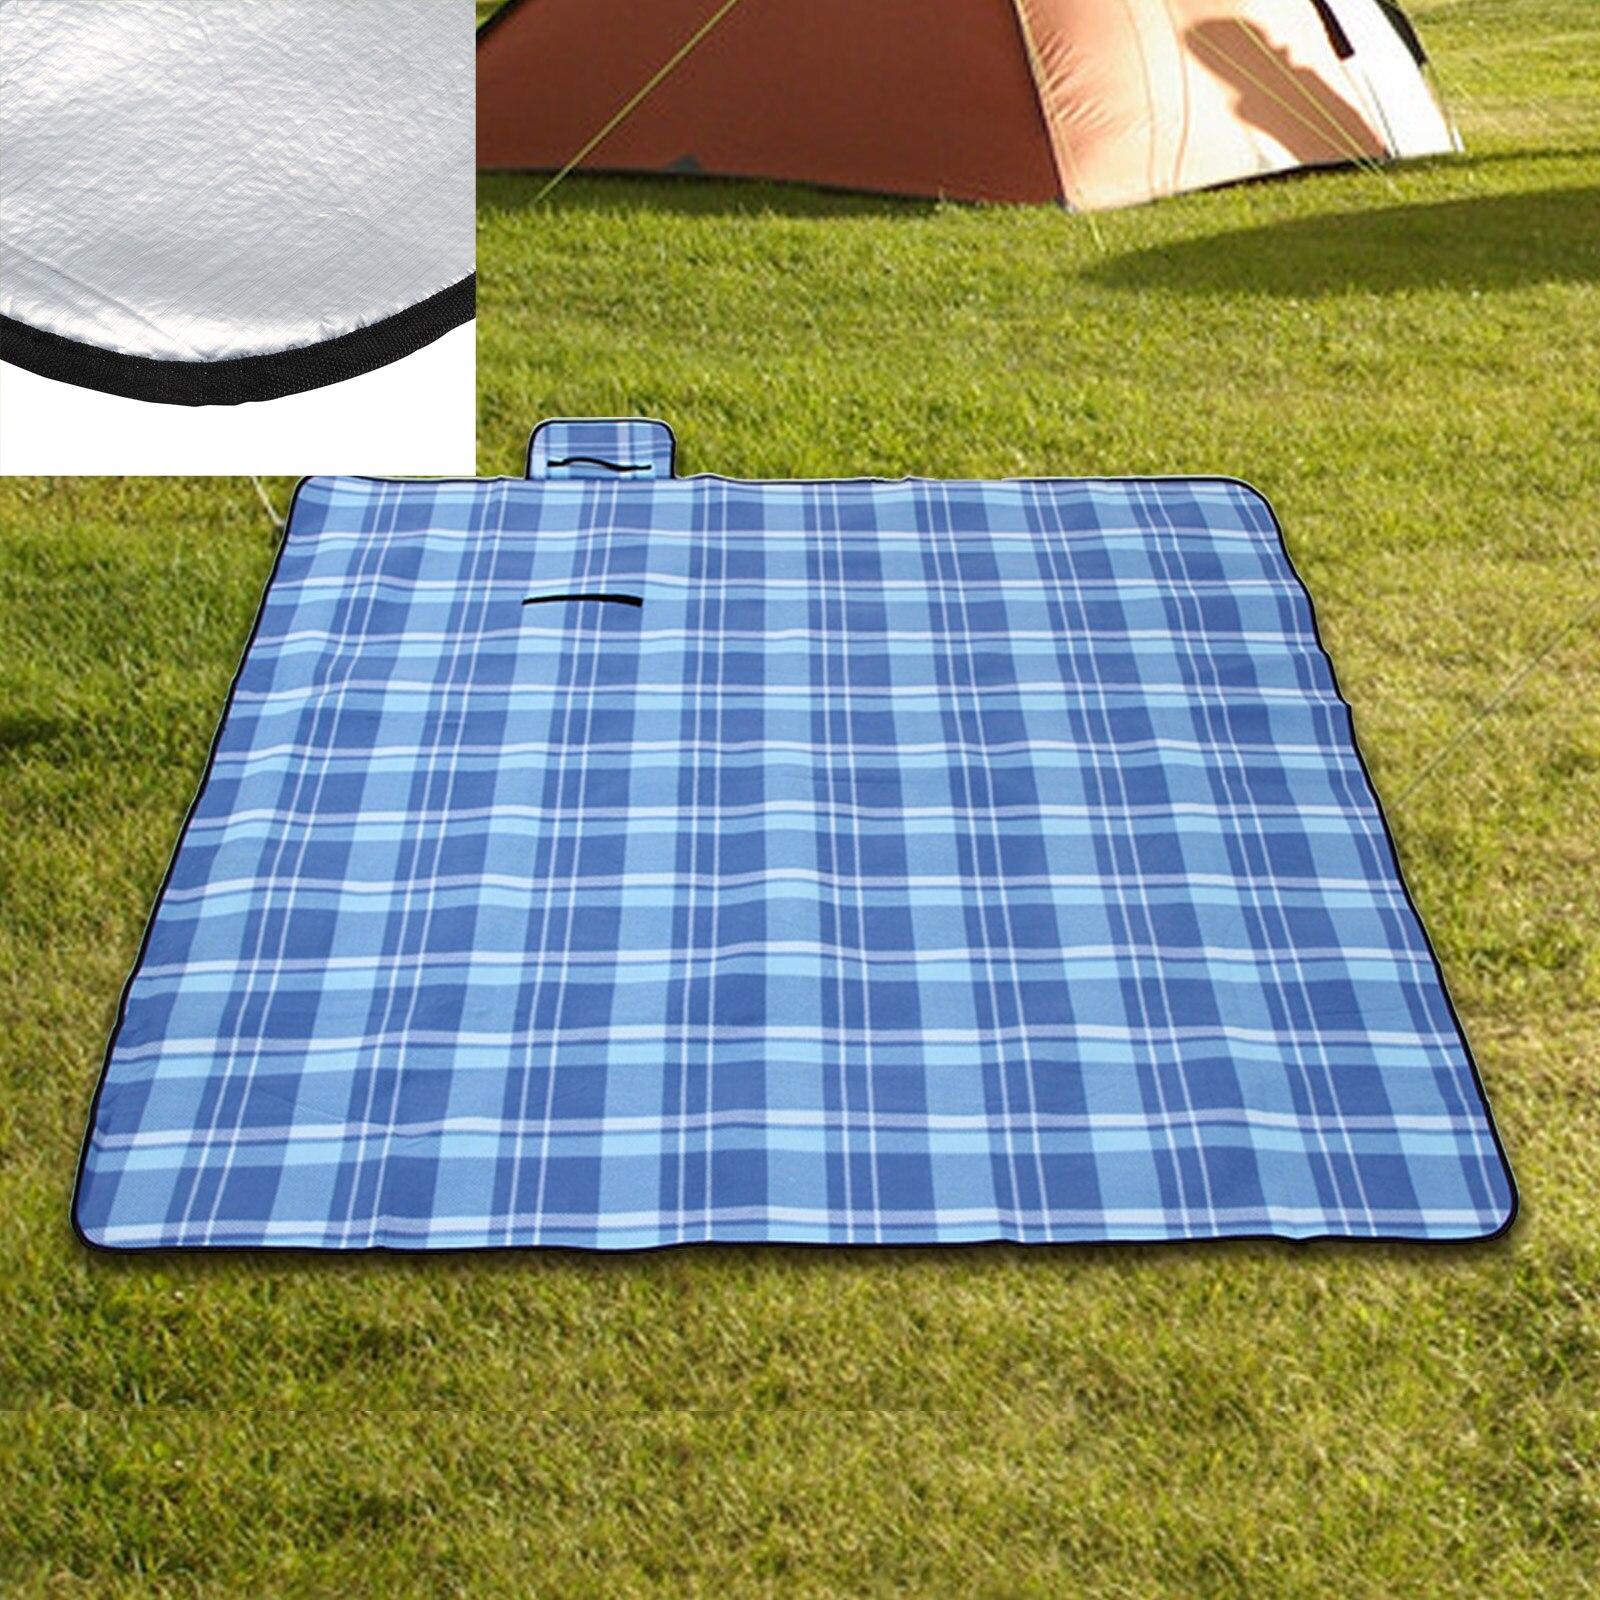 200*200 cm aluminium imperméable à l'eau pliant pique-nique tapis Camping plage Pad étanche à l'humidité couverture extérieure matelas